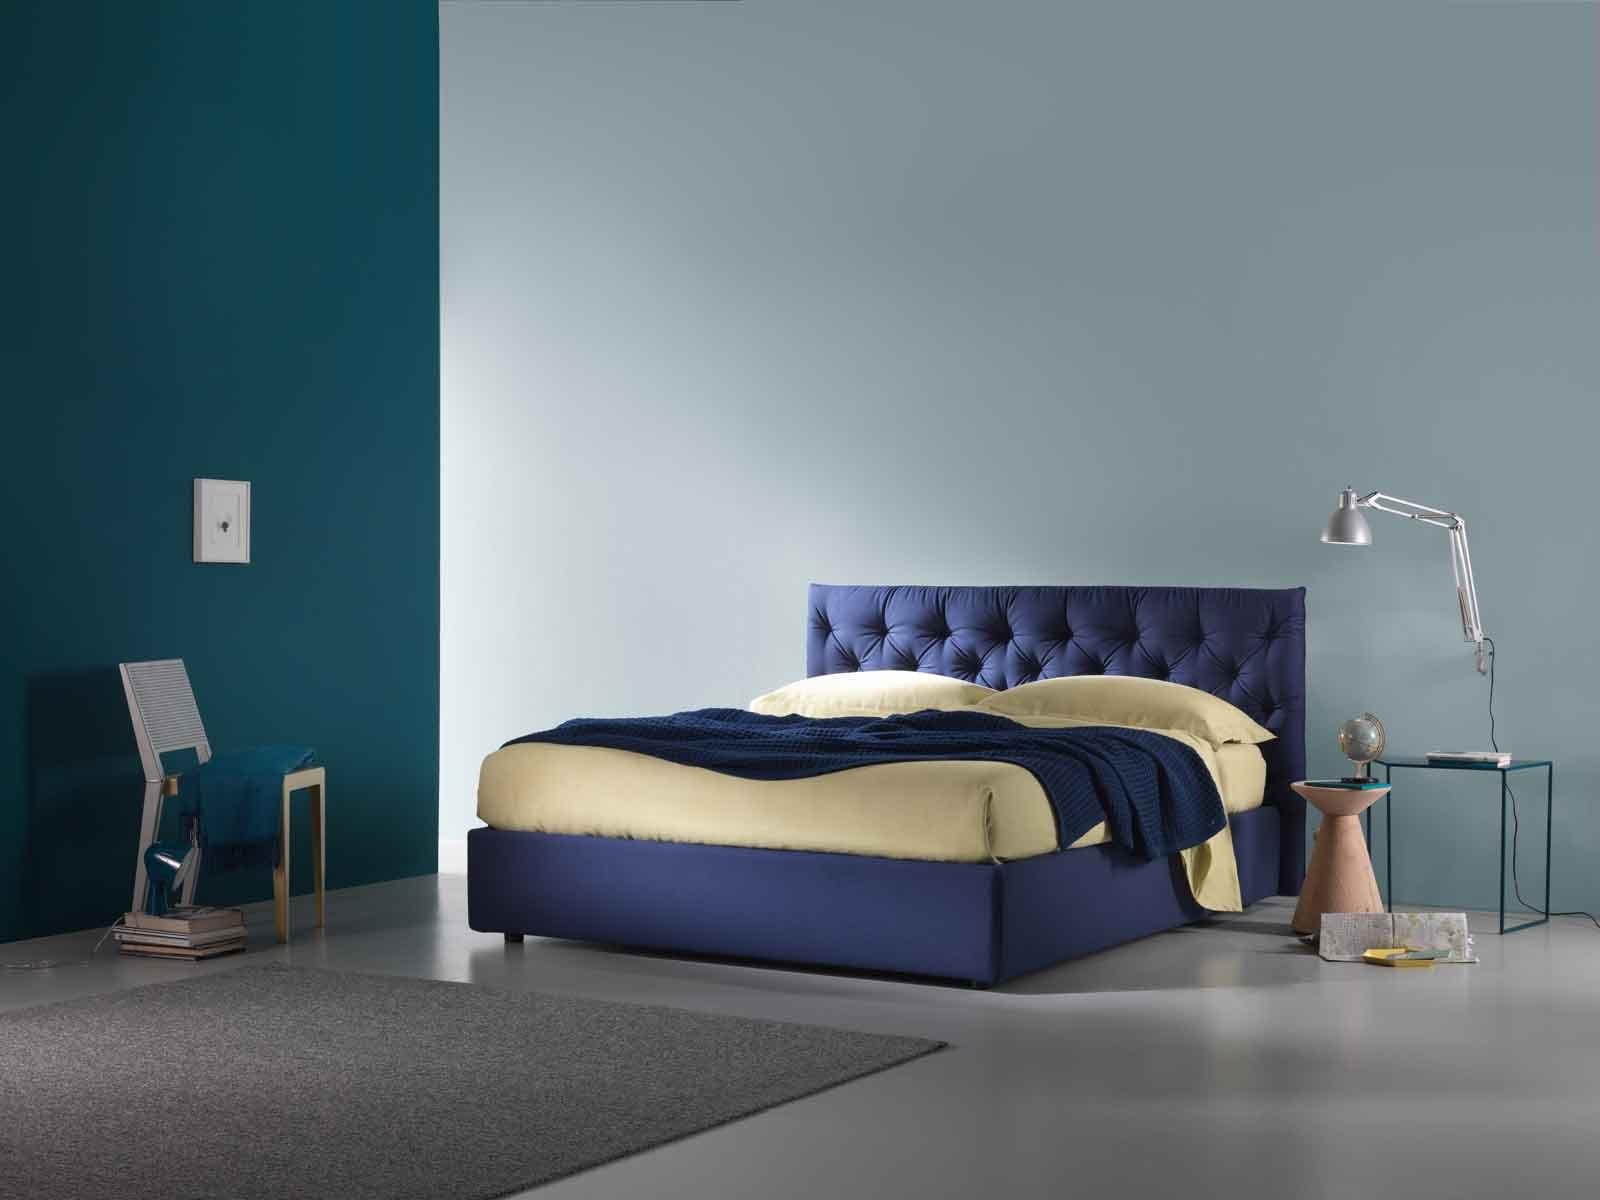 Dormire bene: letto, materasso e biancheria - Cose di Casa